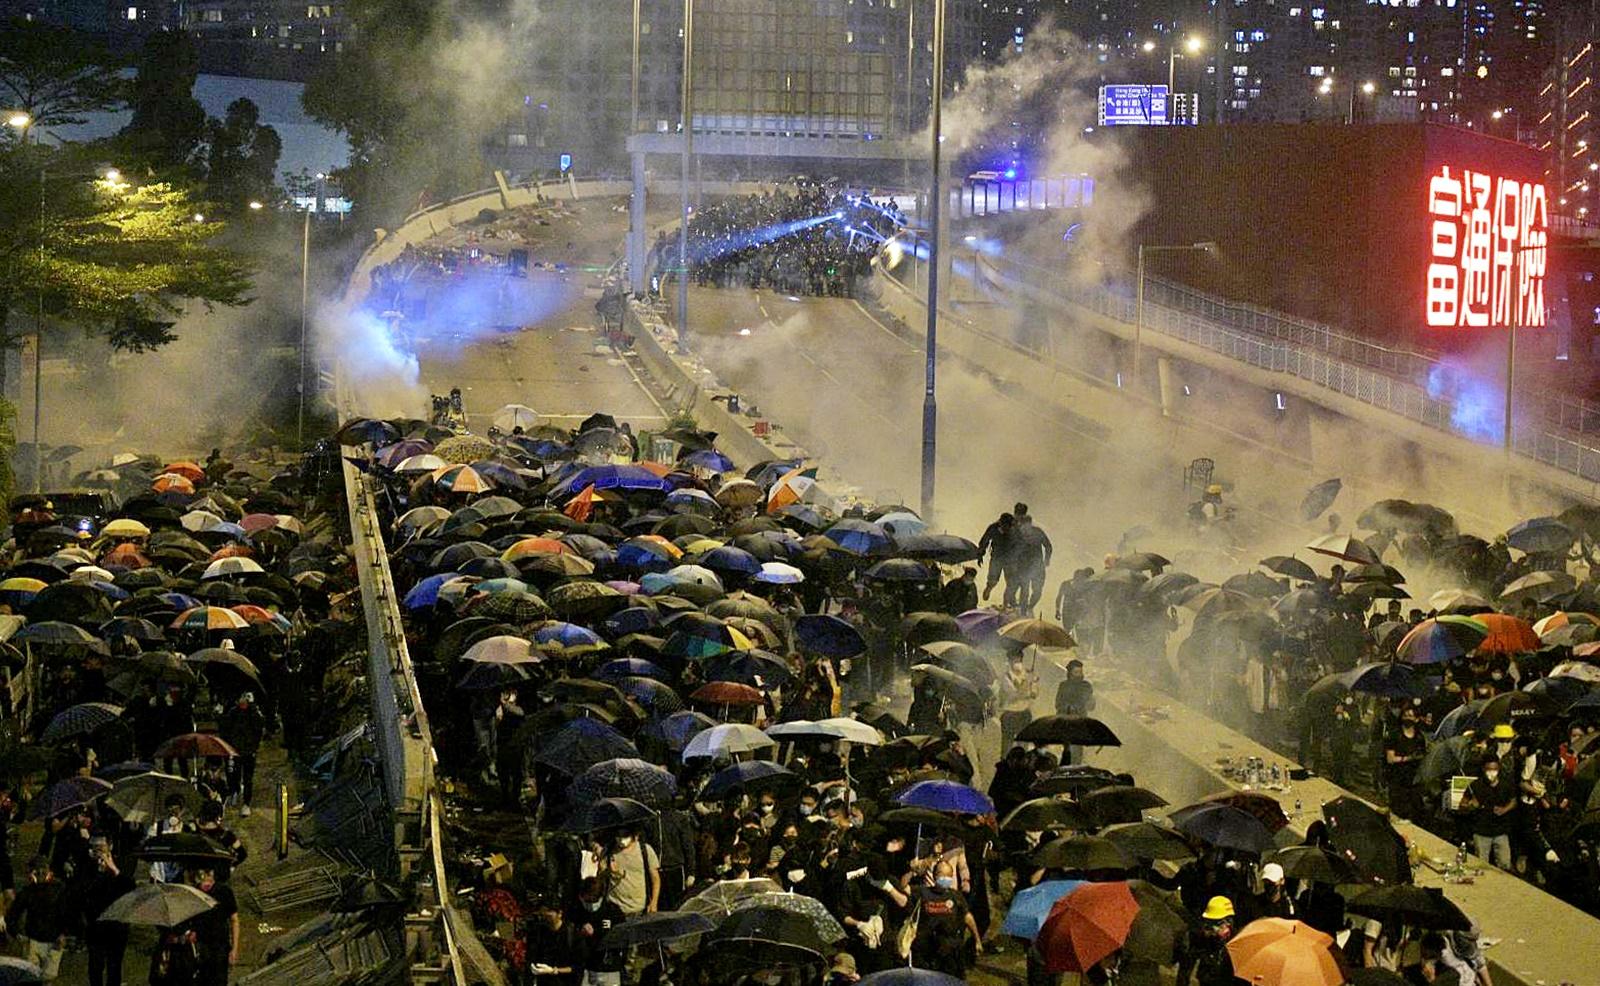 示威者油尖旺聚集警催淚彈驅散 有理大示威者游繩圖離開被發現